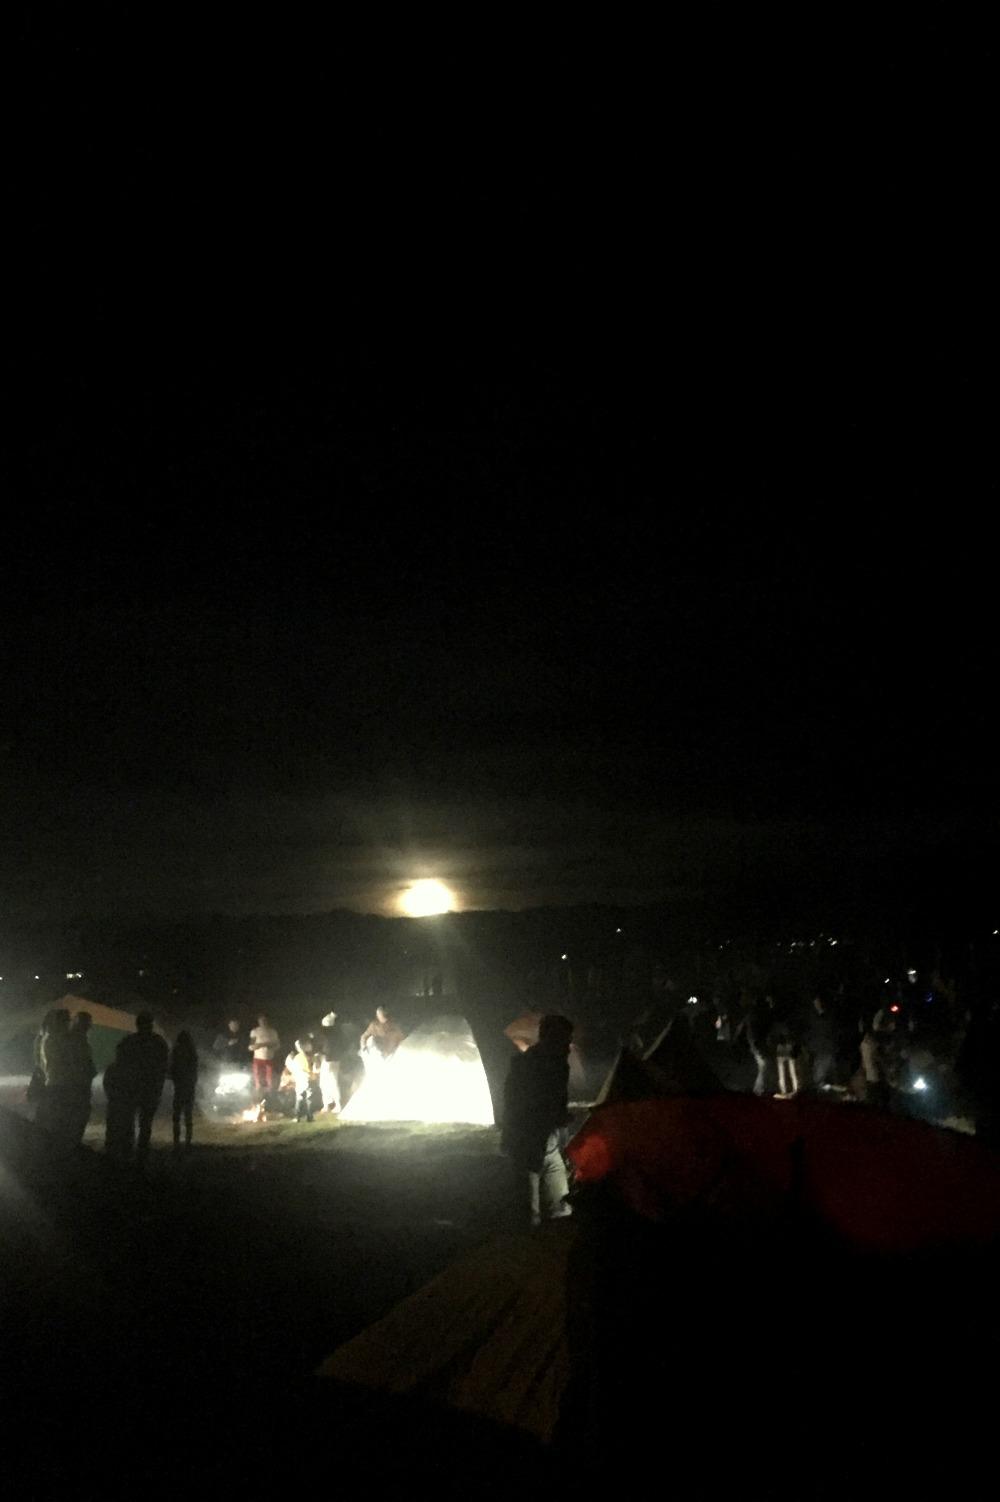 moon-night-camping-weekend-trip